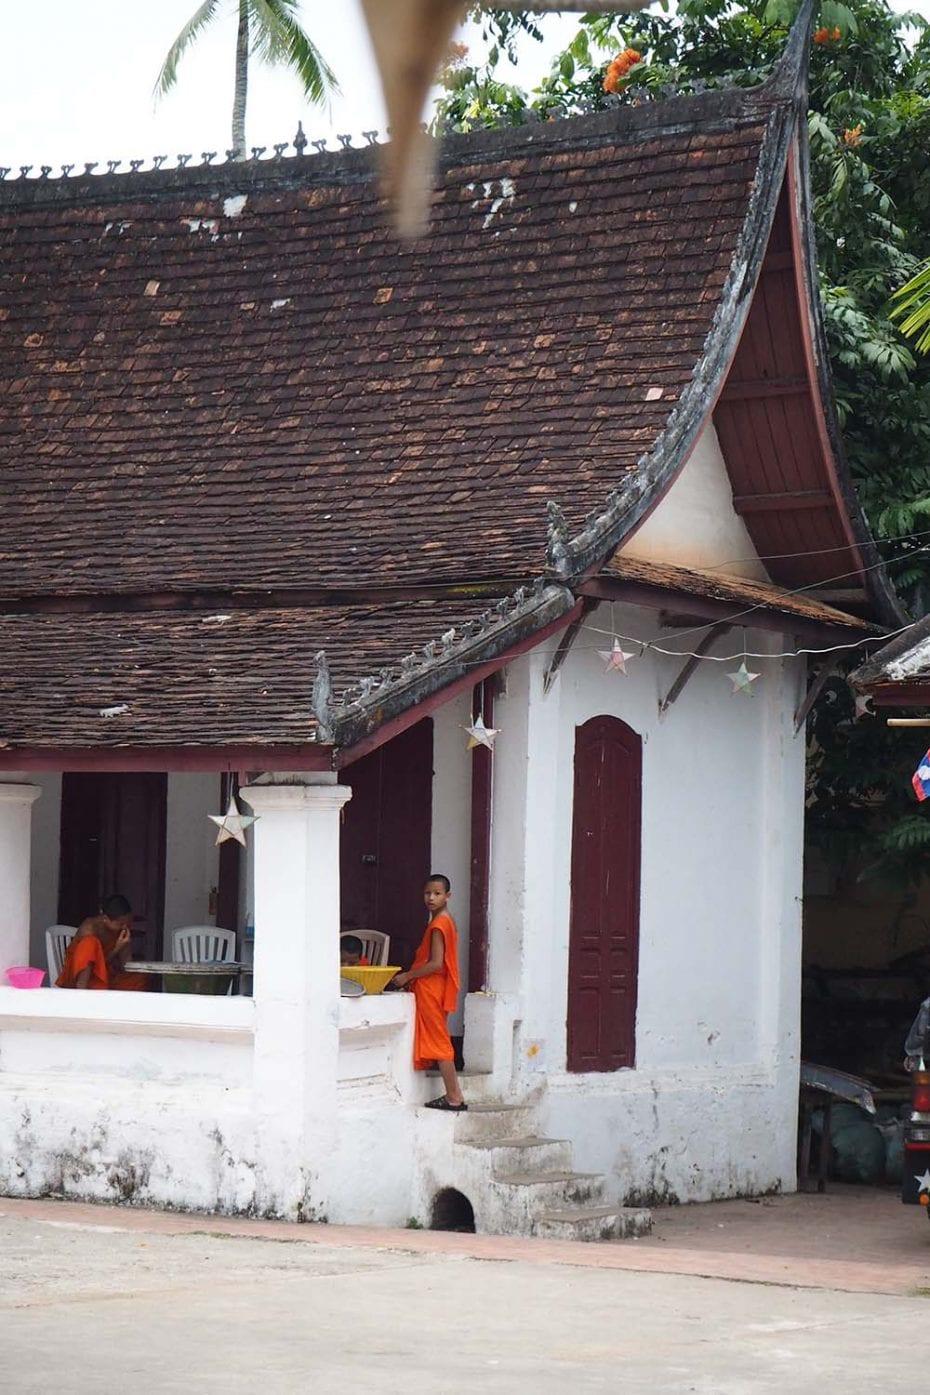 Individuelle Laos Reisen – ein Tempel in Luang Prabang